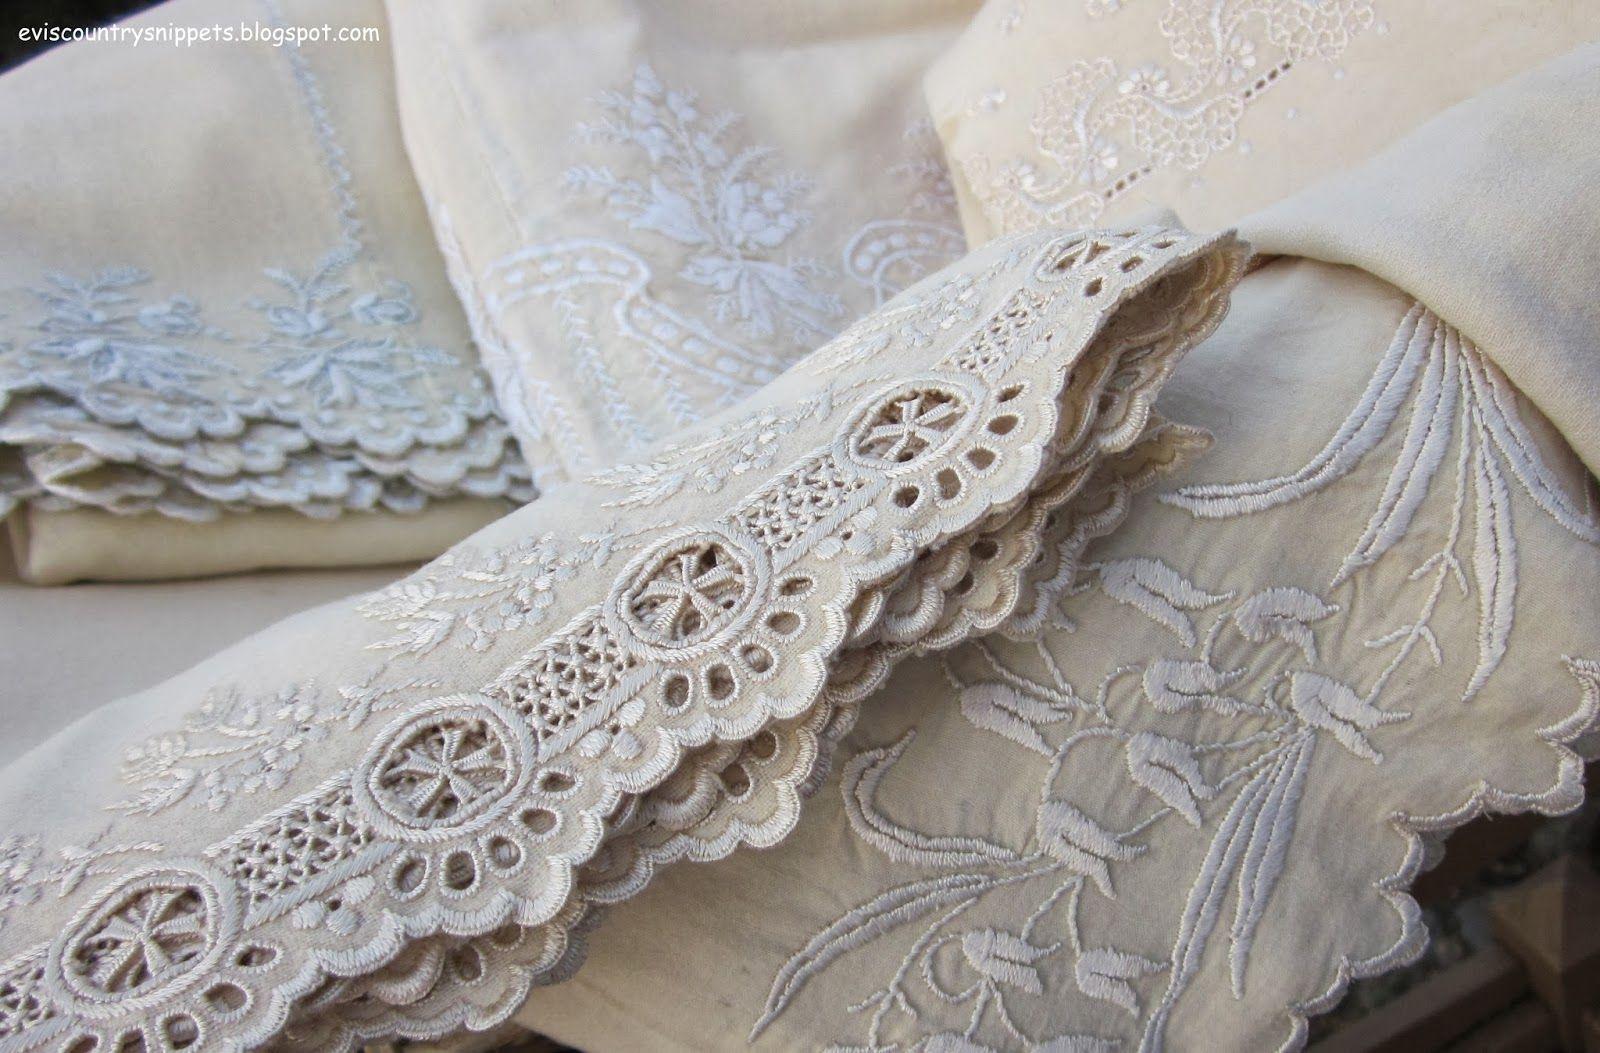 embellished linens